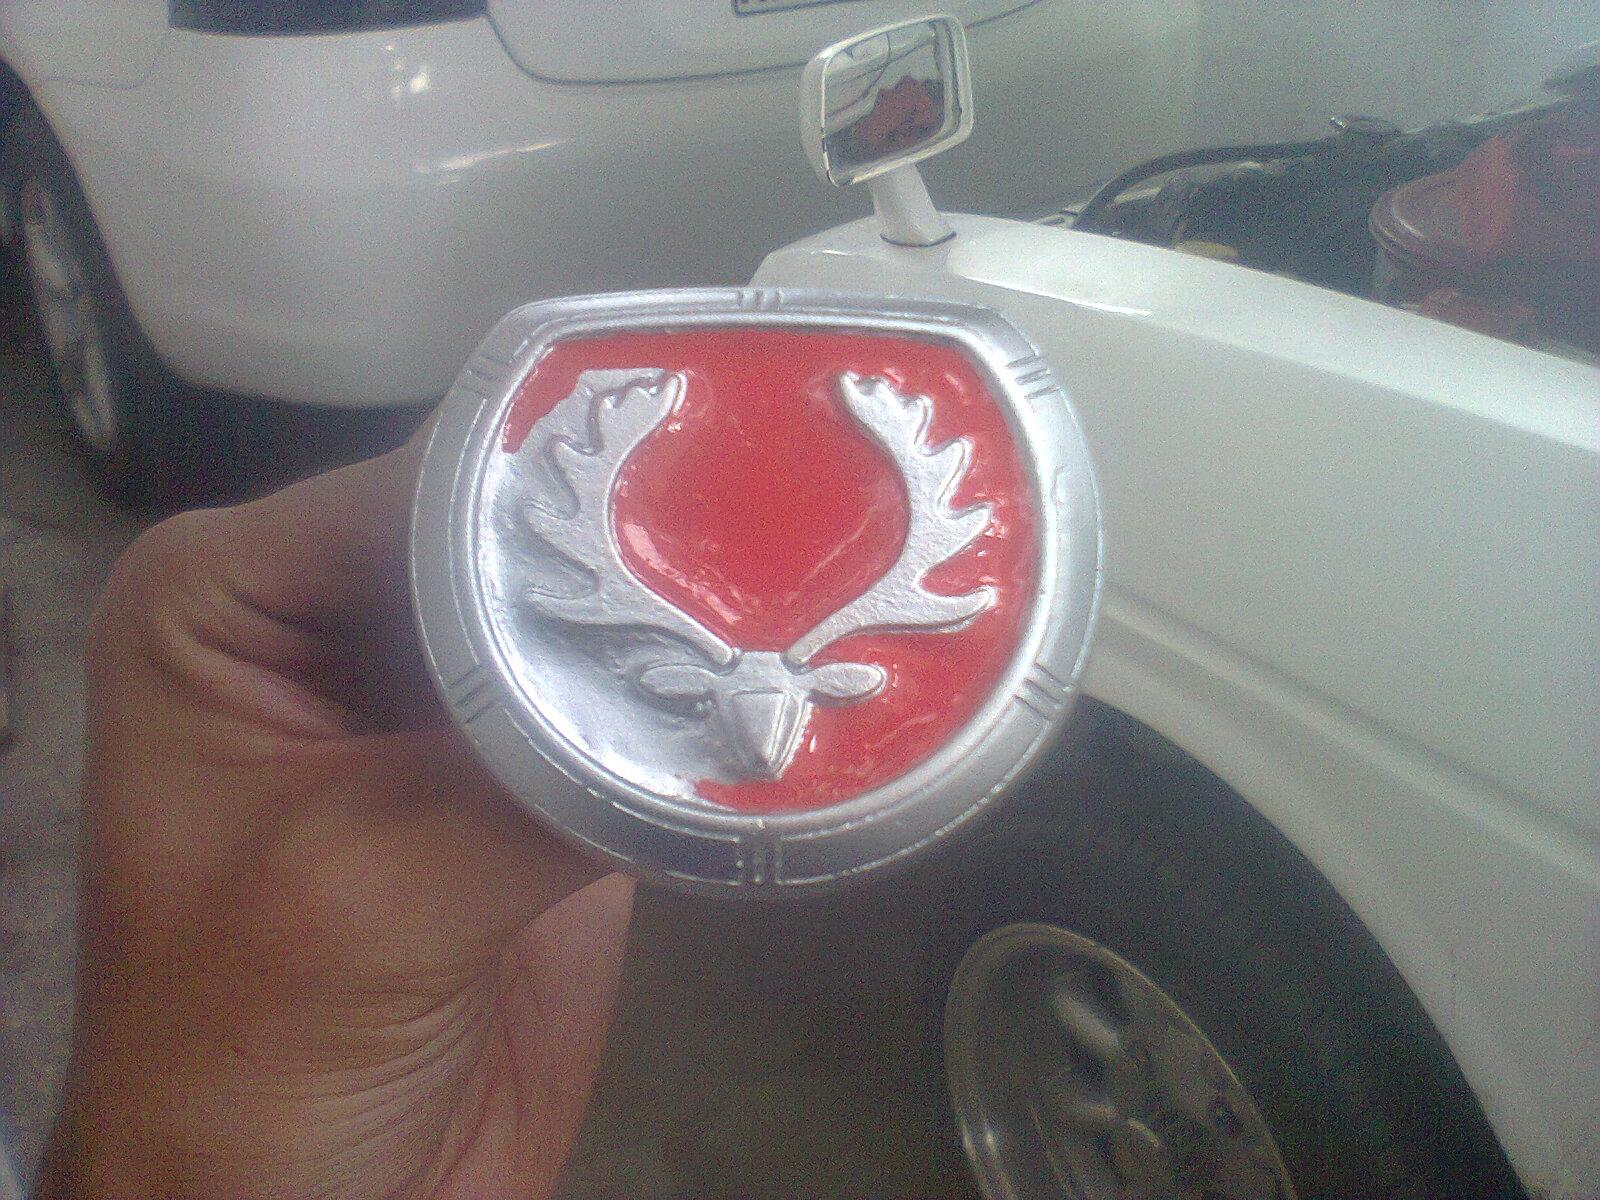 Toyota El Centro >> Emblema toyota KP30,Kp36: Emblema toyota kp30-kp36